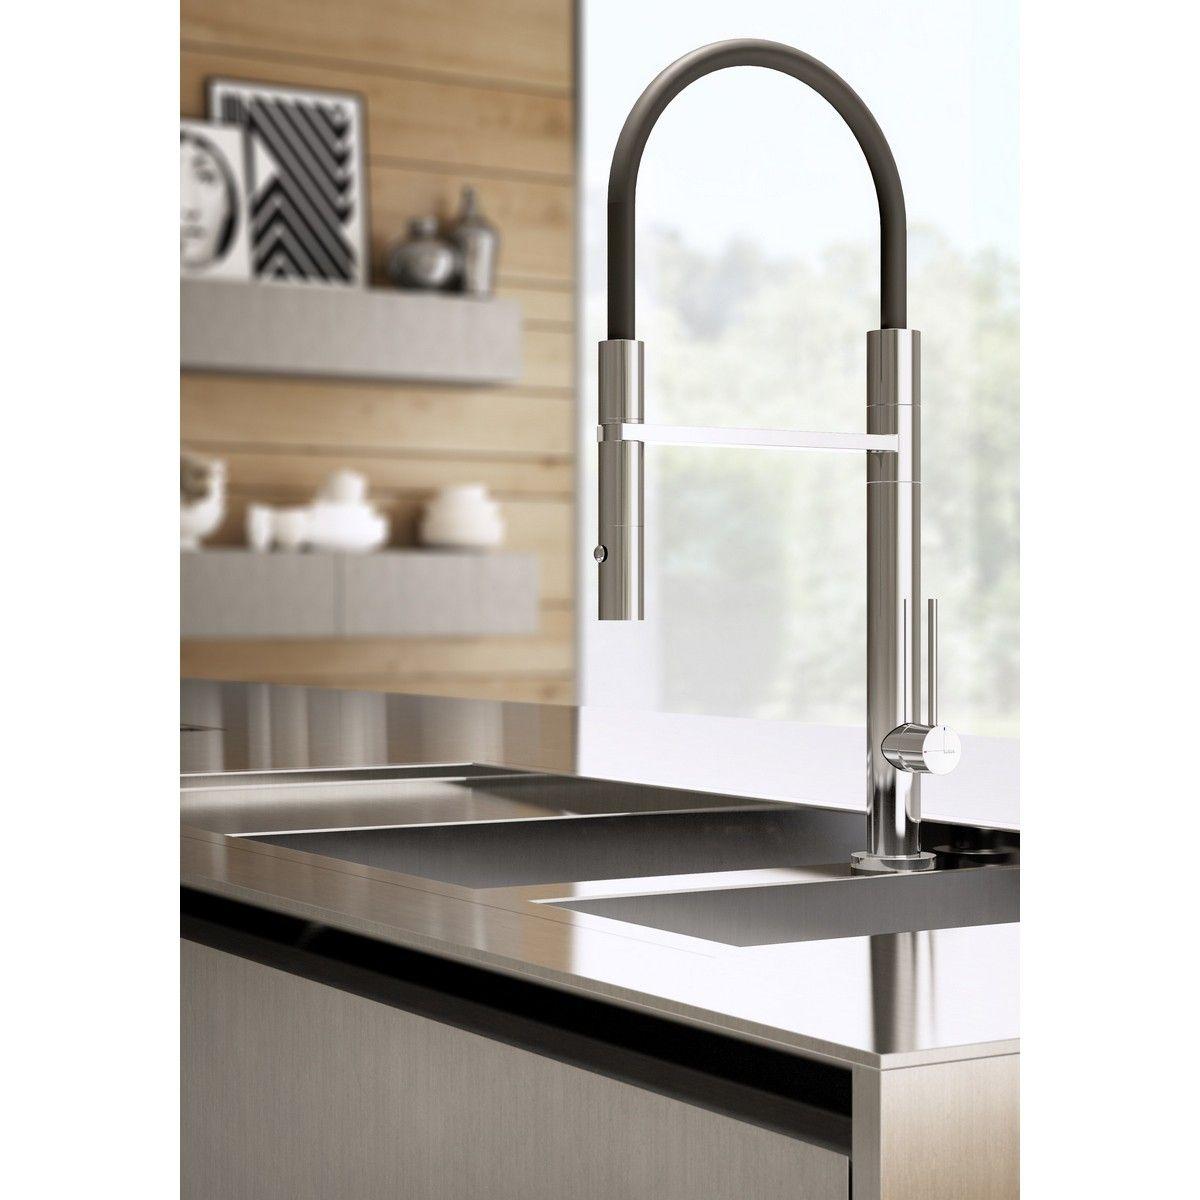 Hotbath Fellow FKM11 professionele keukenkraan met uittrekbare DualSpray handdouche geborsteld staal glans